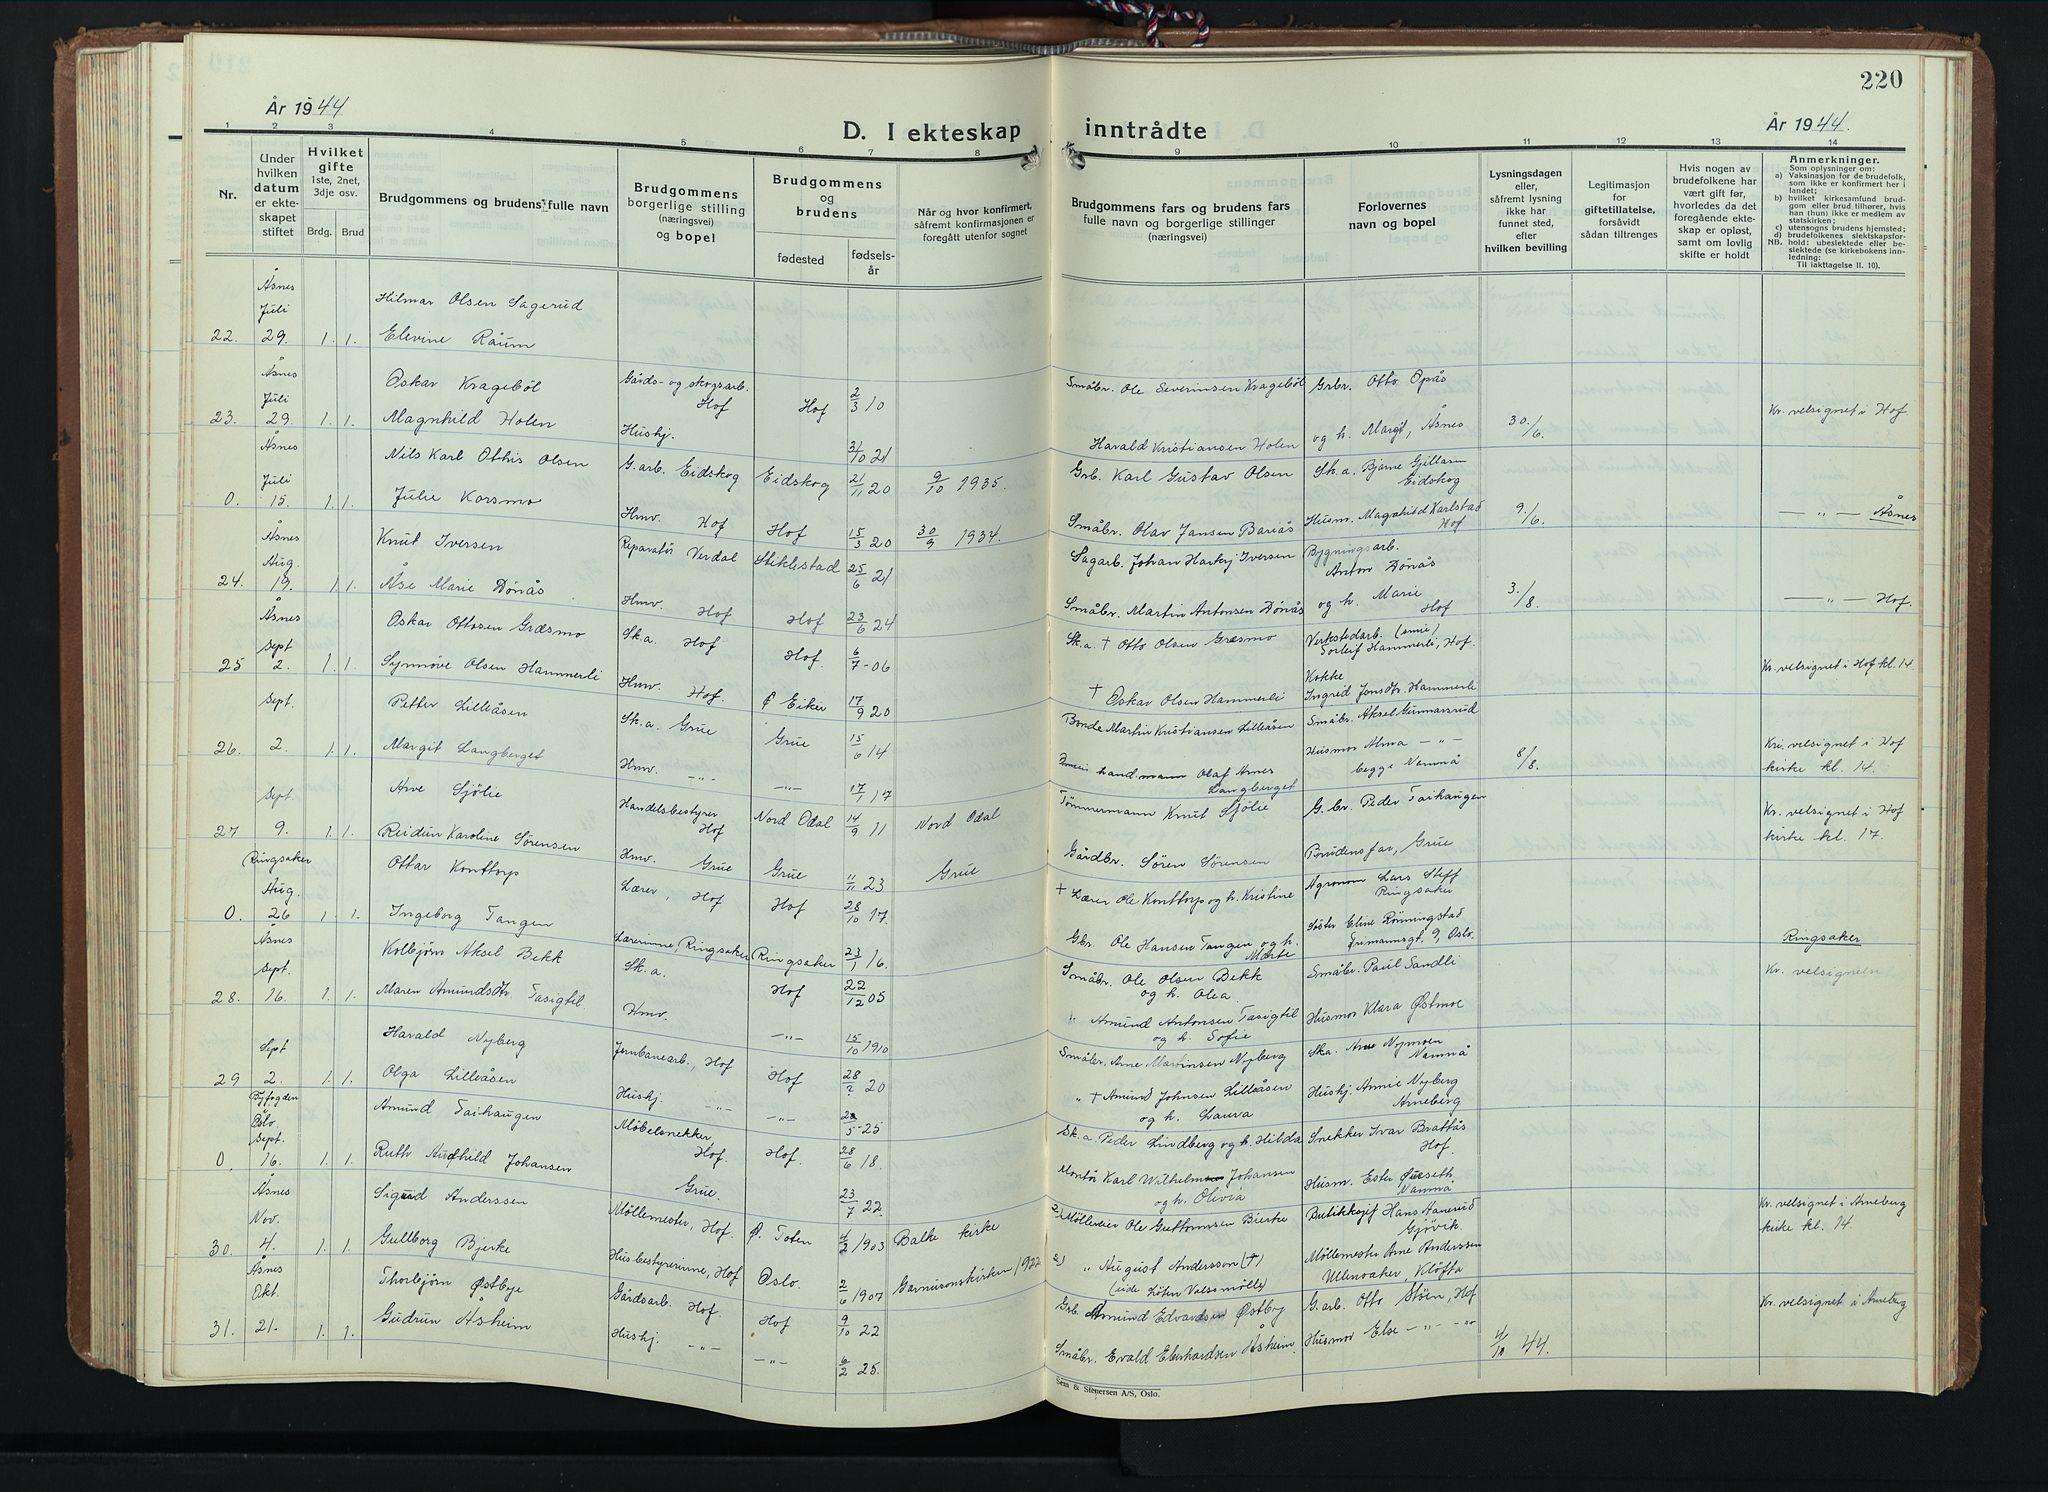 SAH, Hof prestekontor, H/Ha/Hab/L0003: Klokkerbok nr. 3, 1933-1947, s. 220